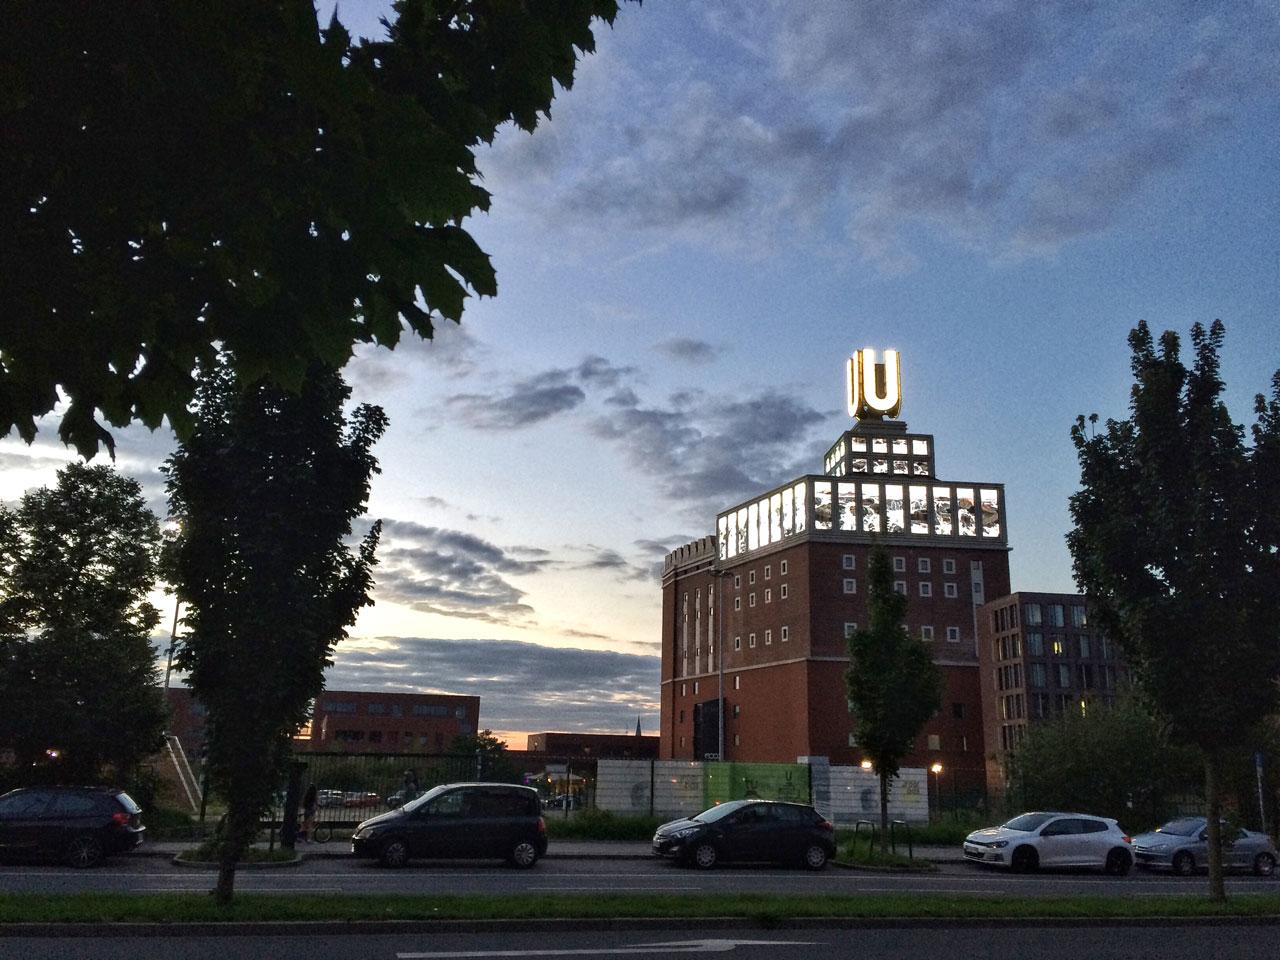 Das Dortmunder U - einst Brauerei, jetzt Kulturzentrum und Veranstaltungsort.